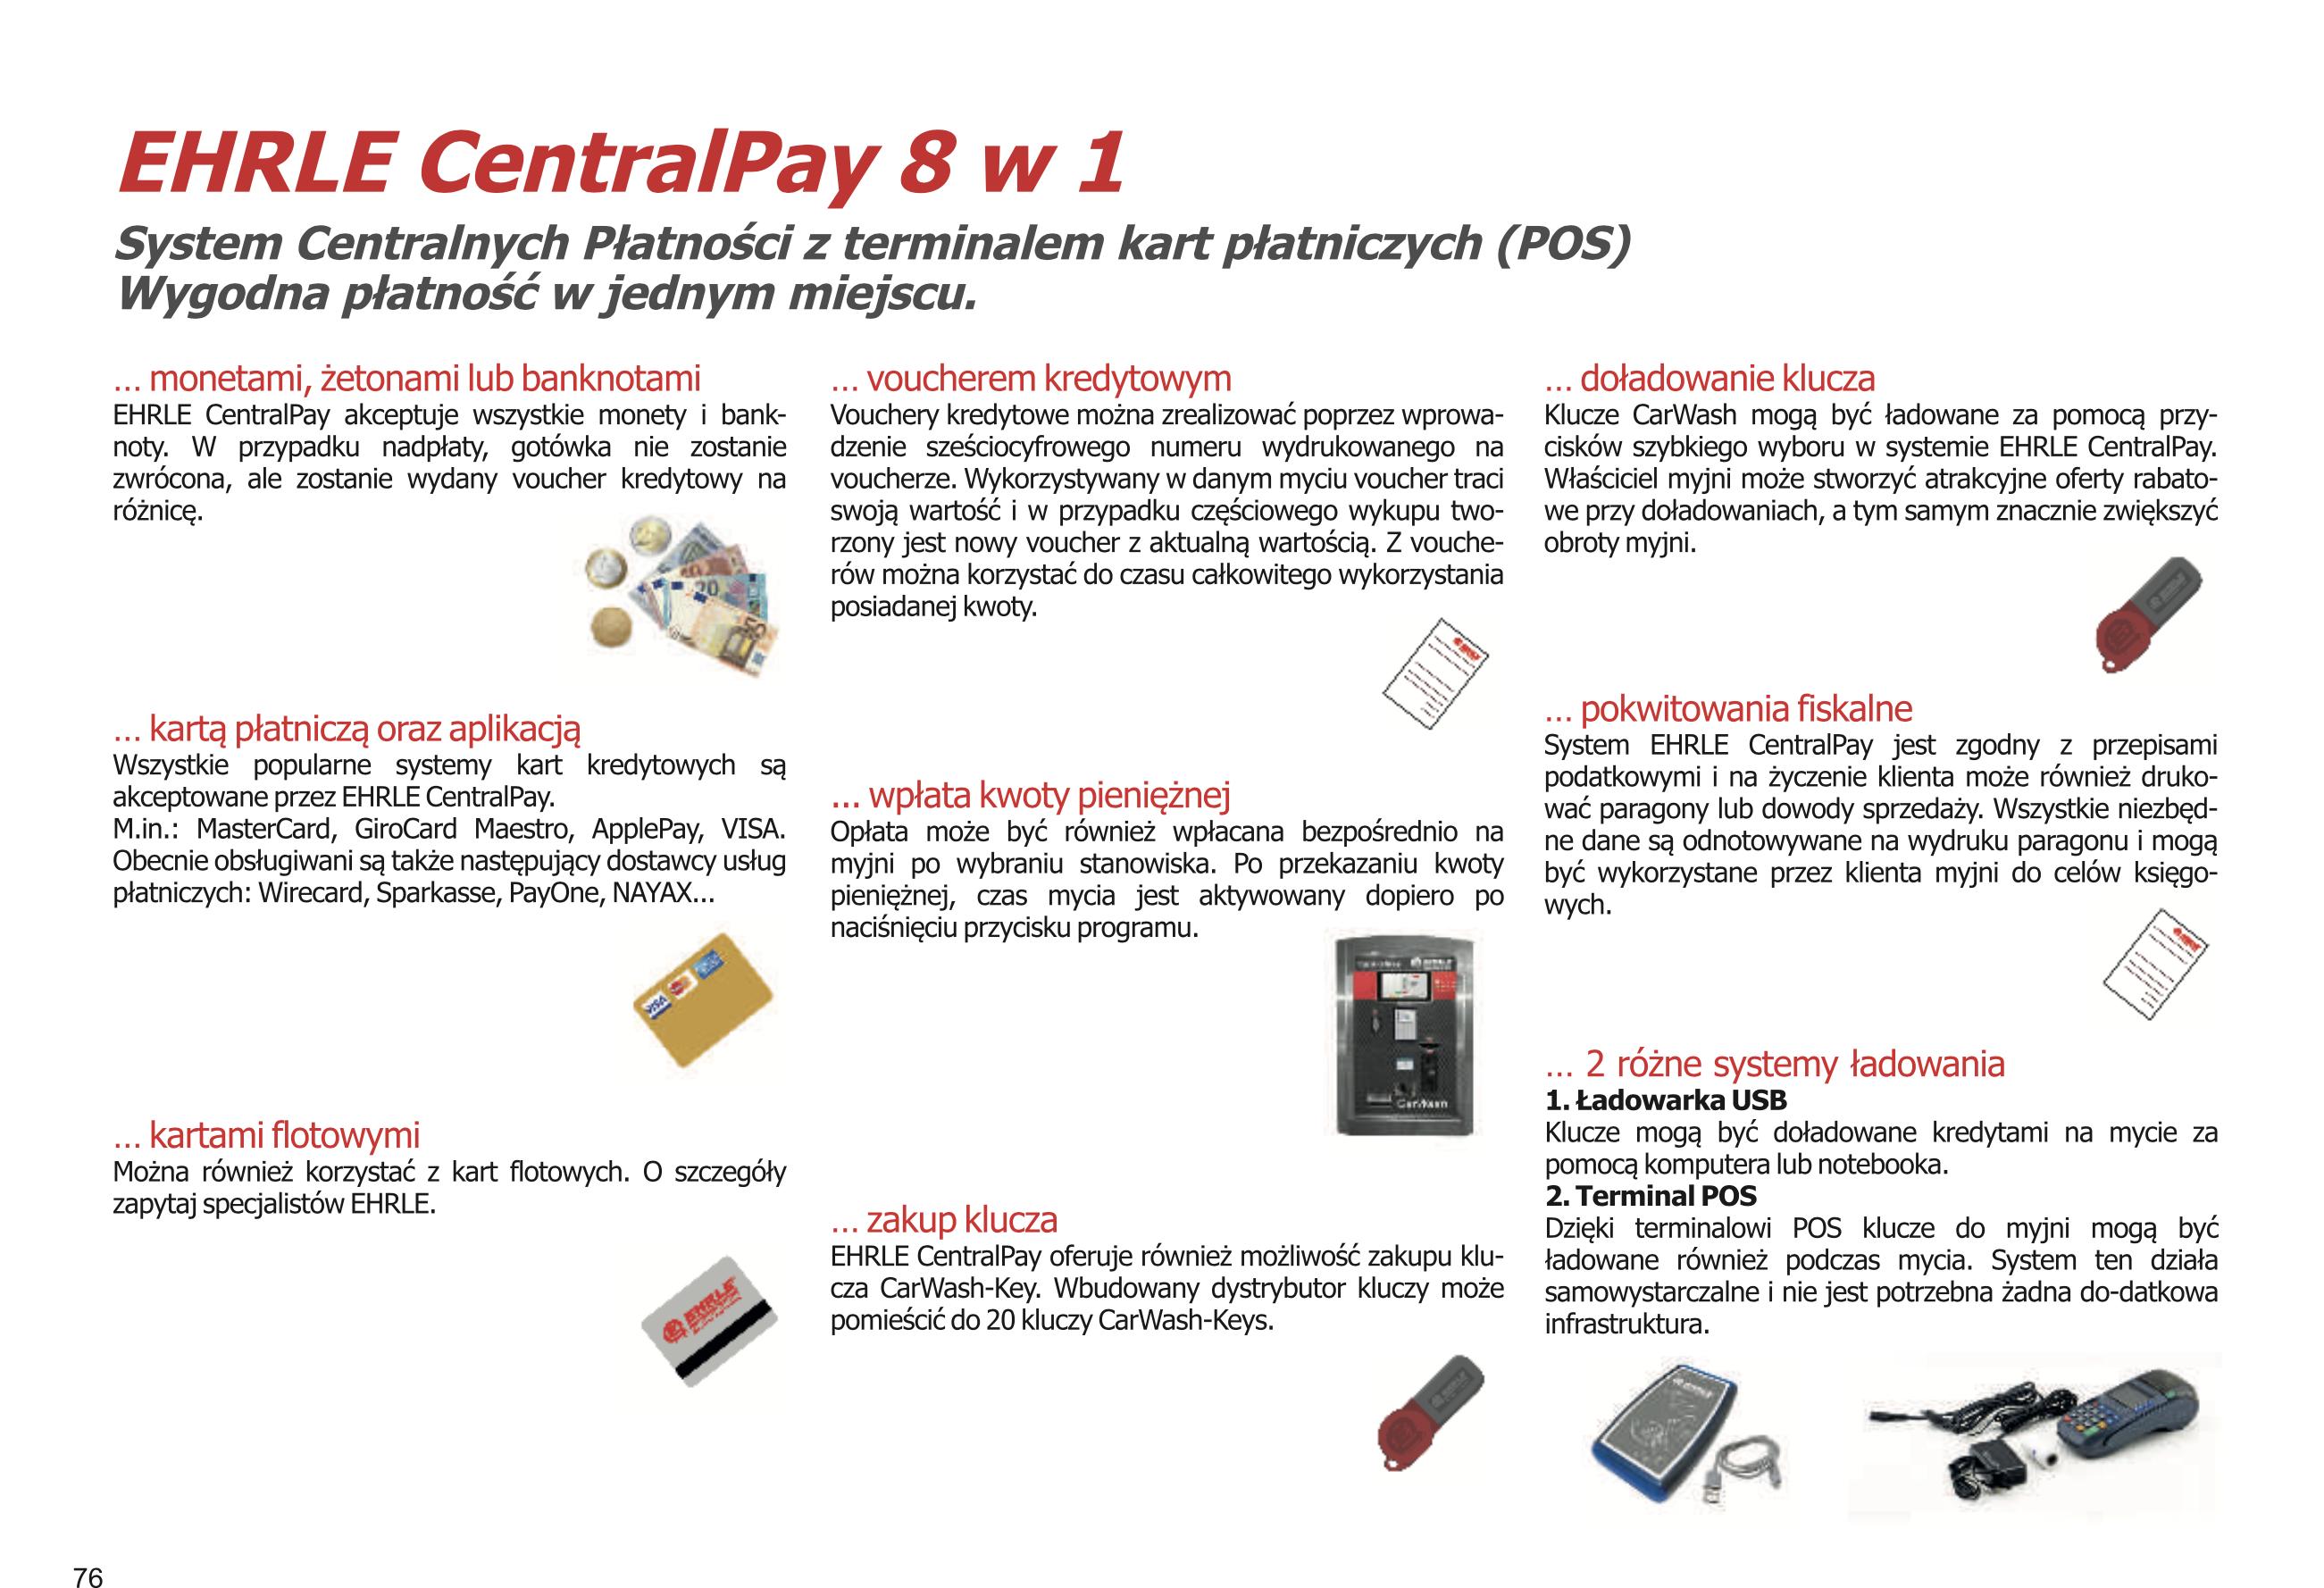 EHRLE CentralPay 8w1